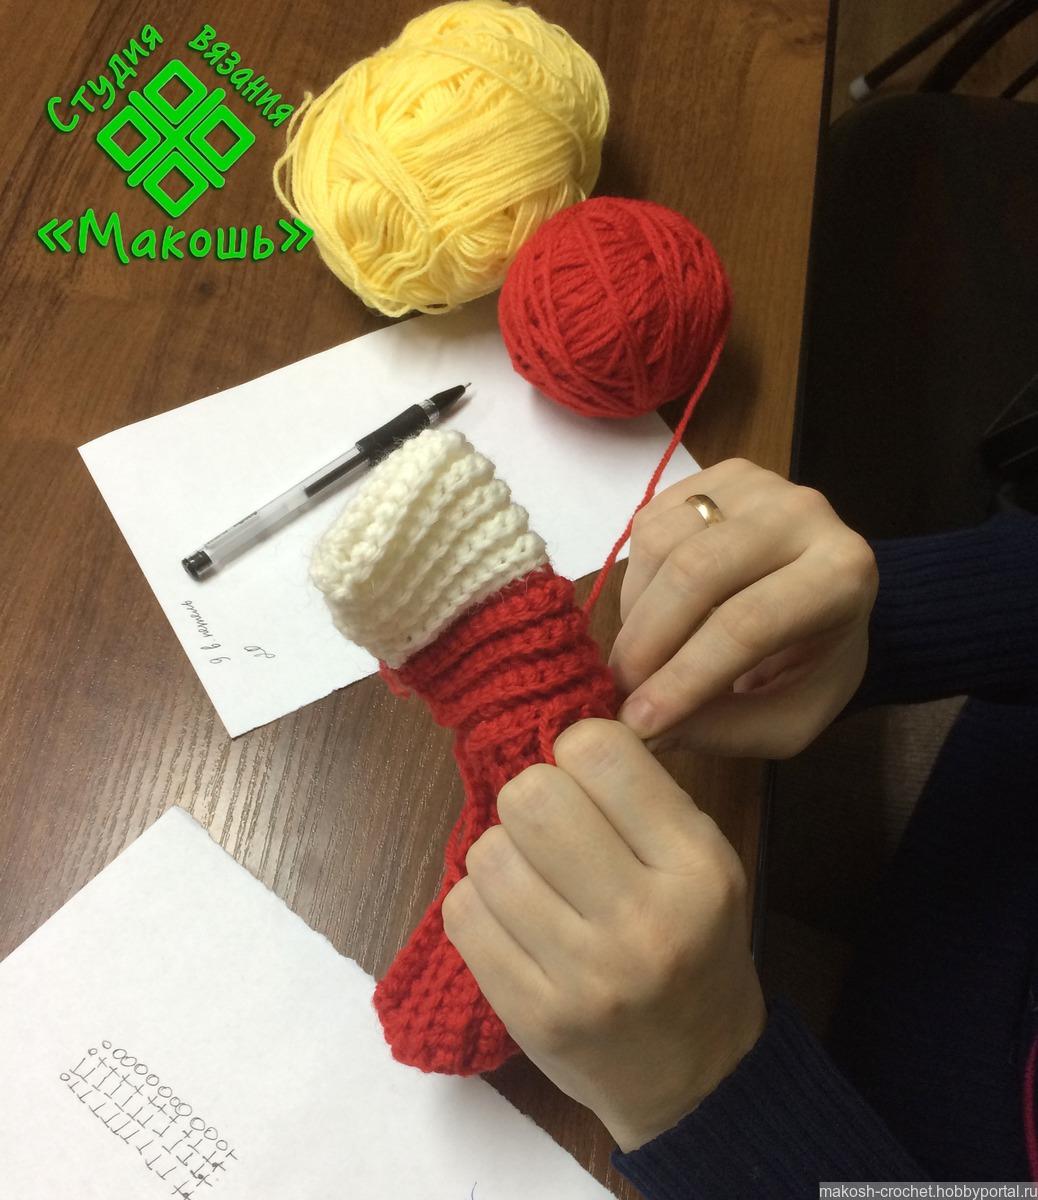 курсы вязания крючком купить в интернет магазине Hobbyportalru с